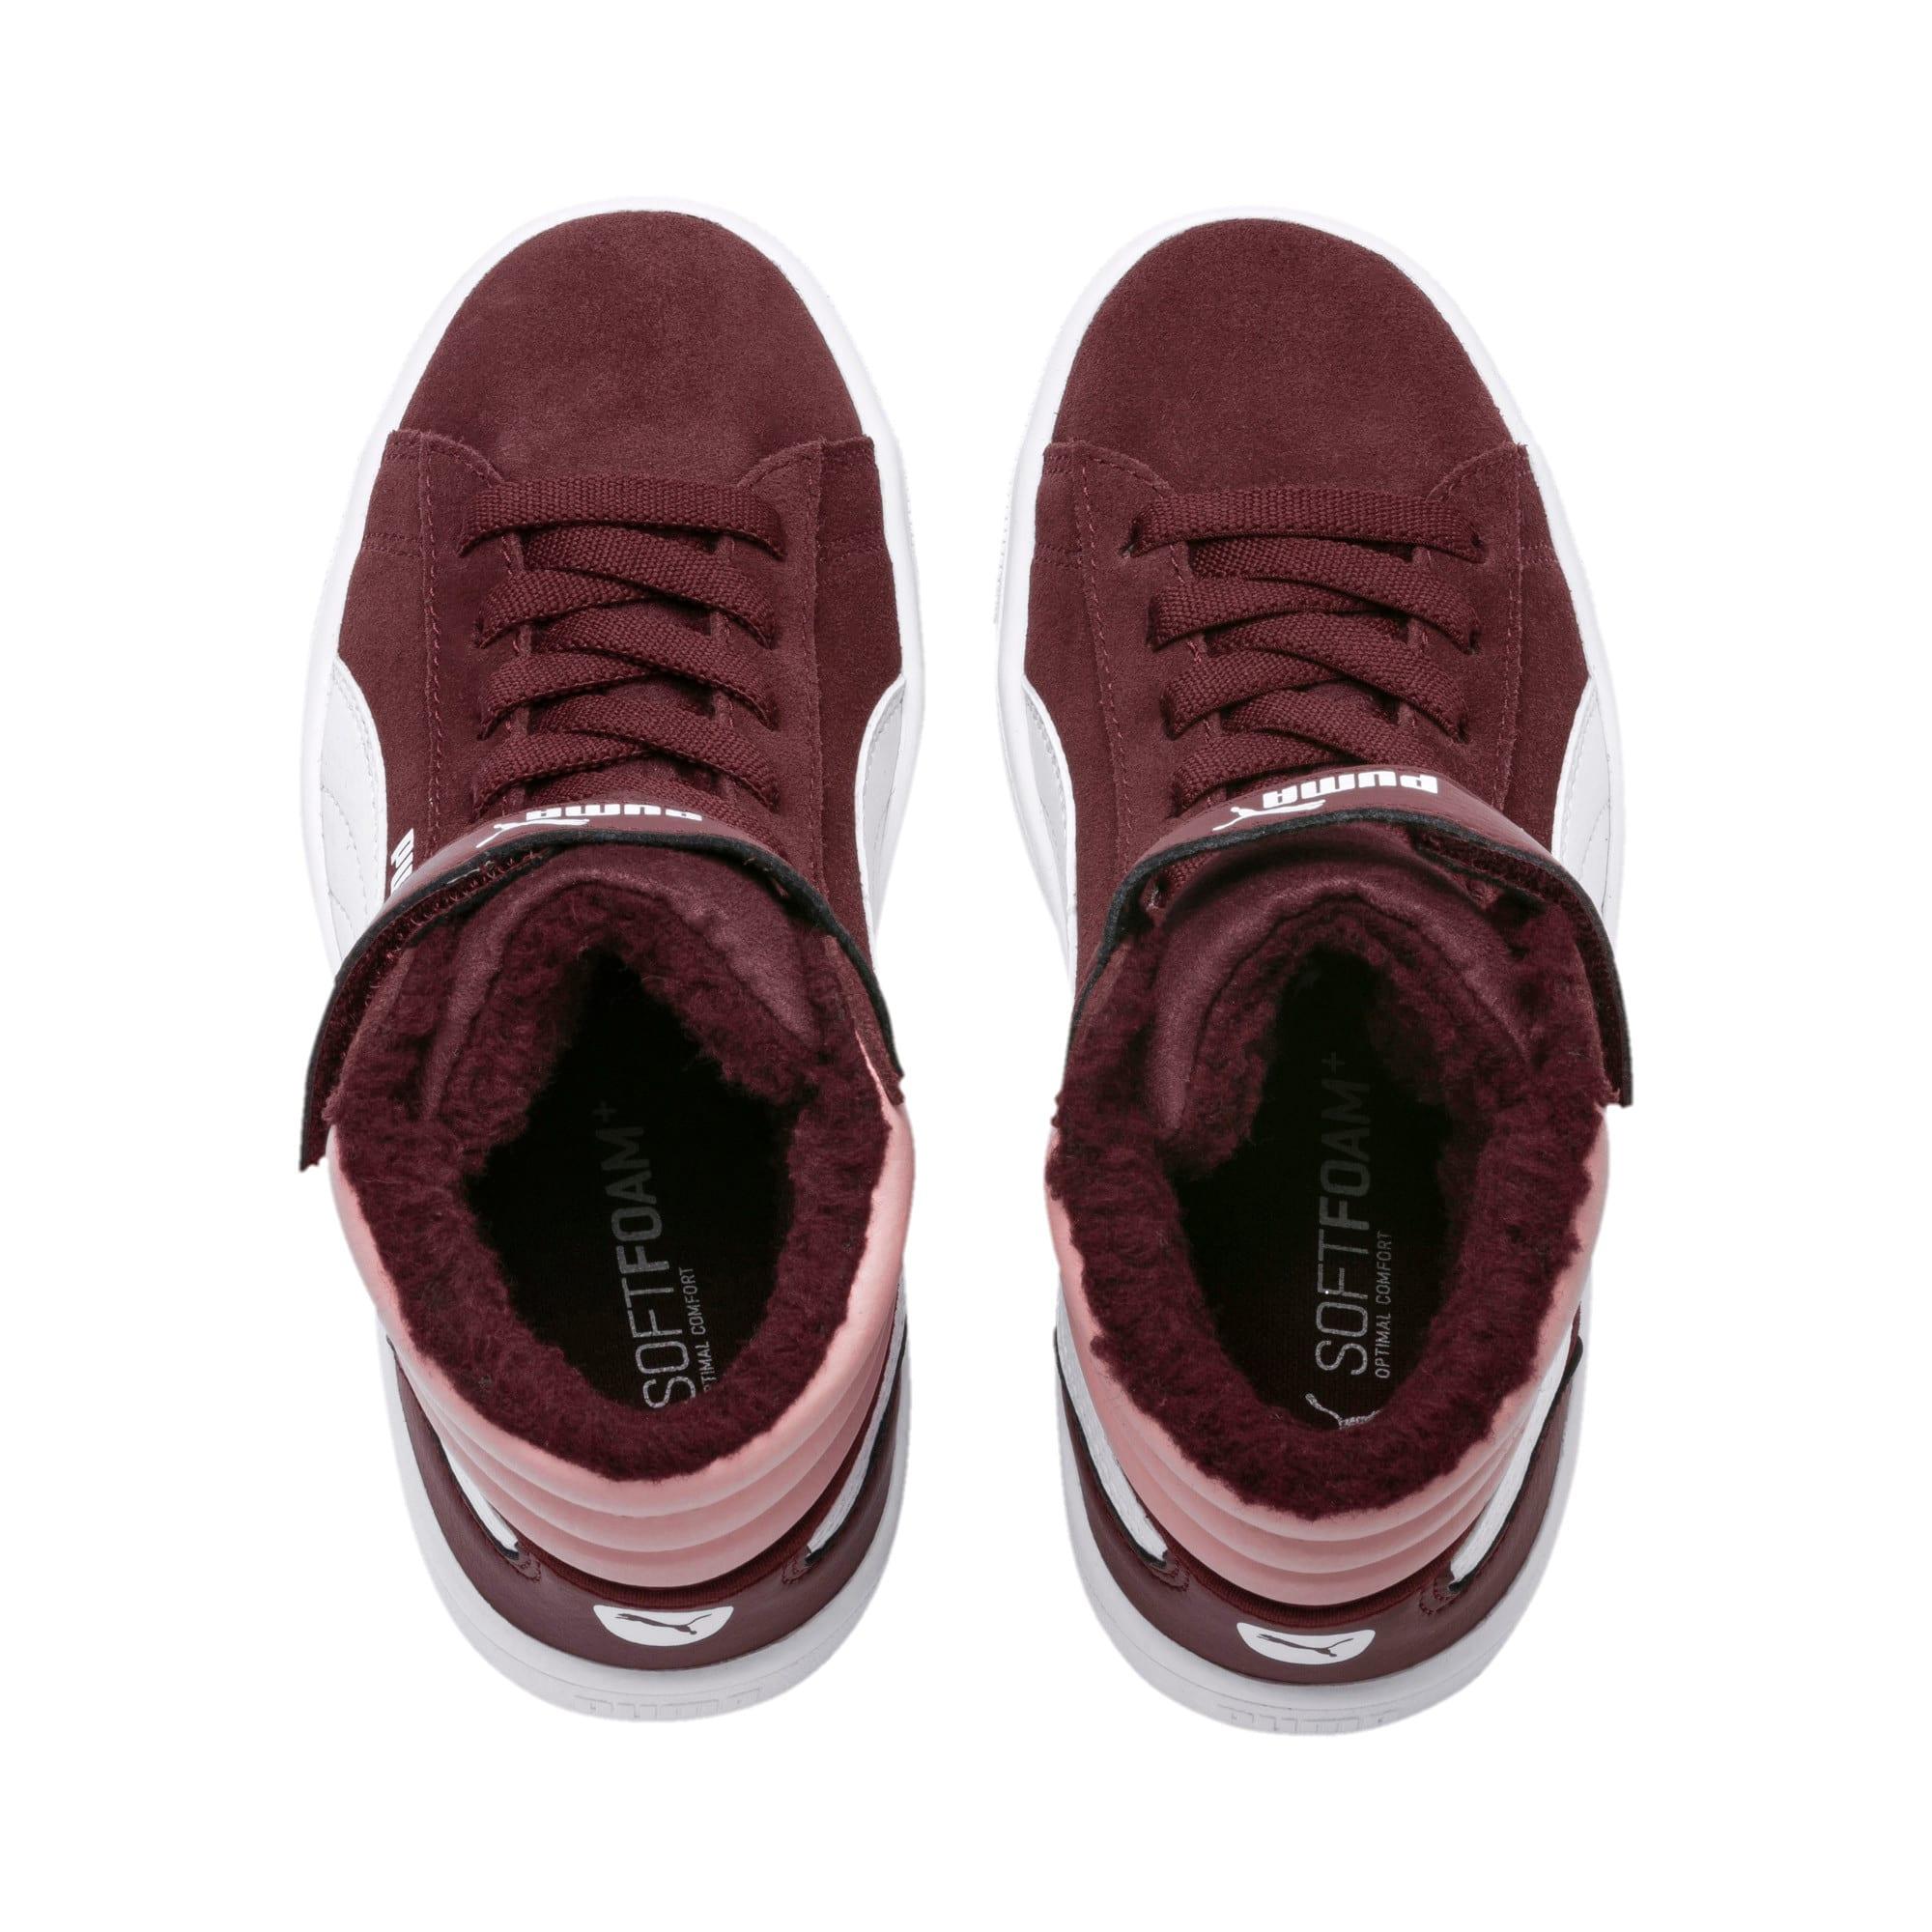 Thumbnail 6 of PUMA Vikky v2 Mid Fur Little Kids' Shoes, Vineyard Wine-B Rose-White, medium